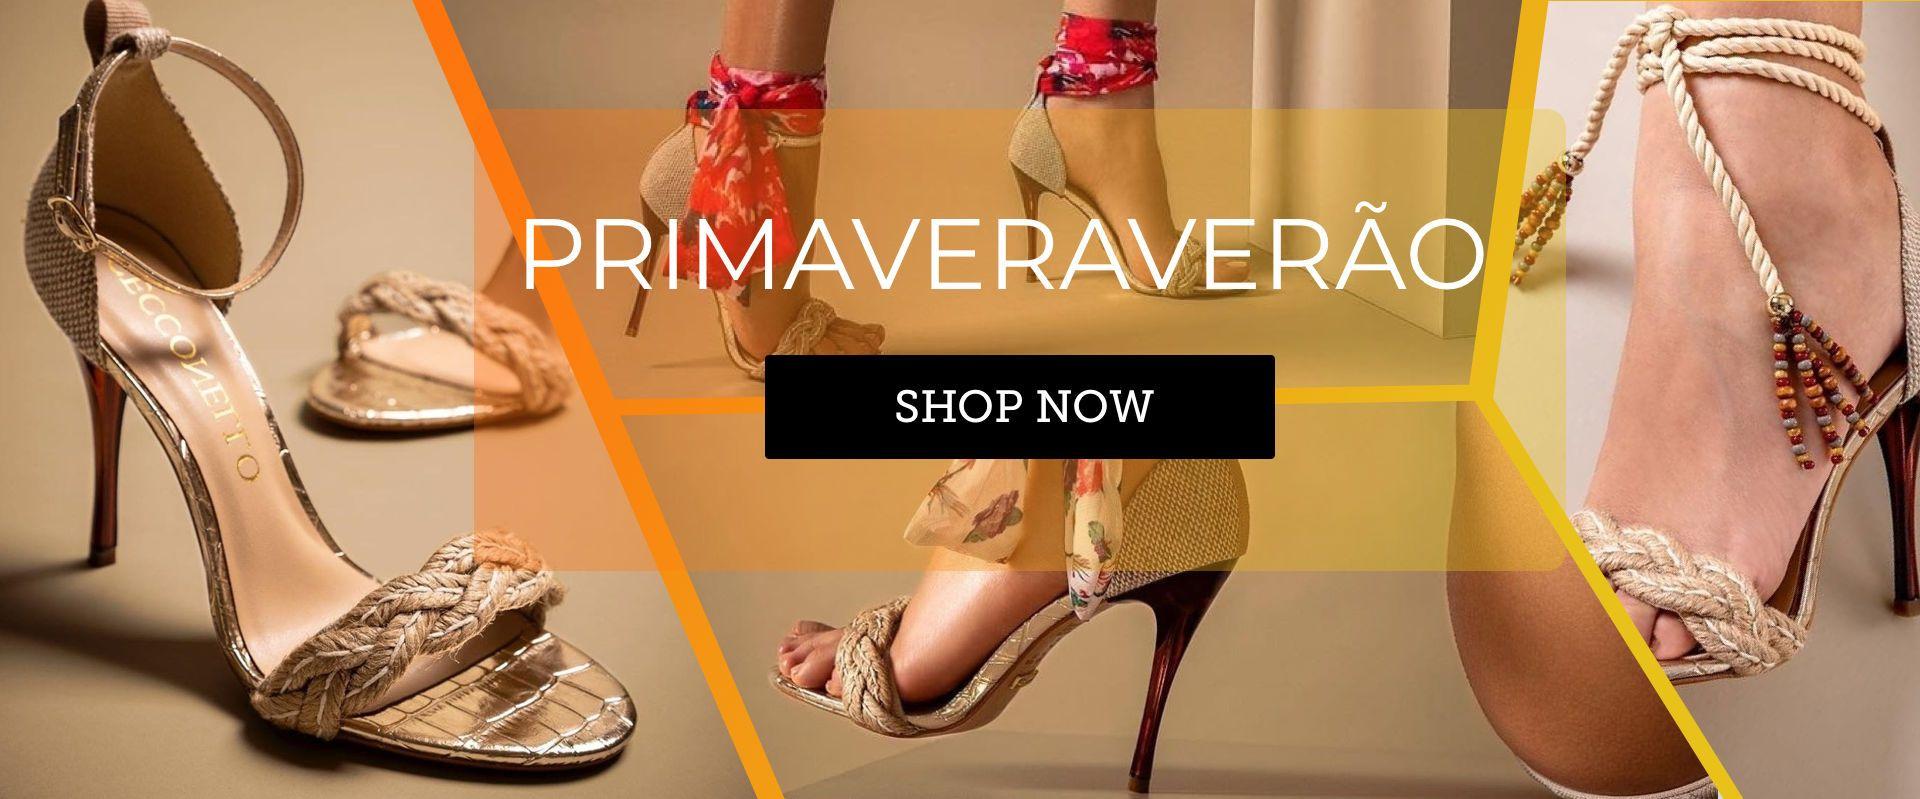 Andatti Online - Anabela, Botas, Mocassim, Rasteira, Sandália, Scarpin e Muito mais em Calçados Femininos